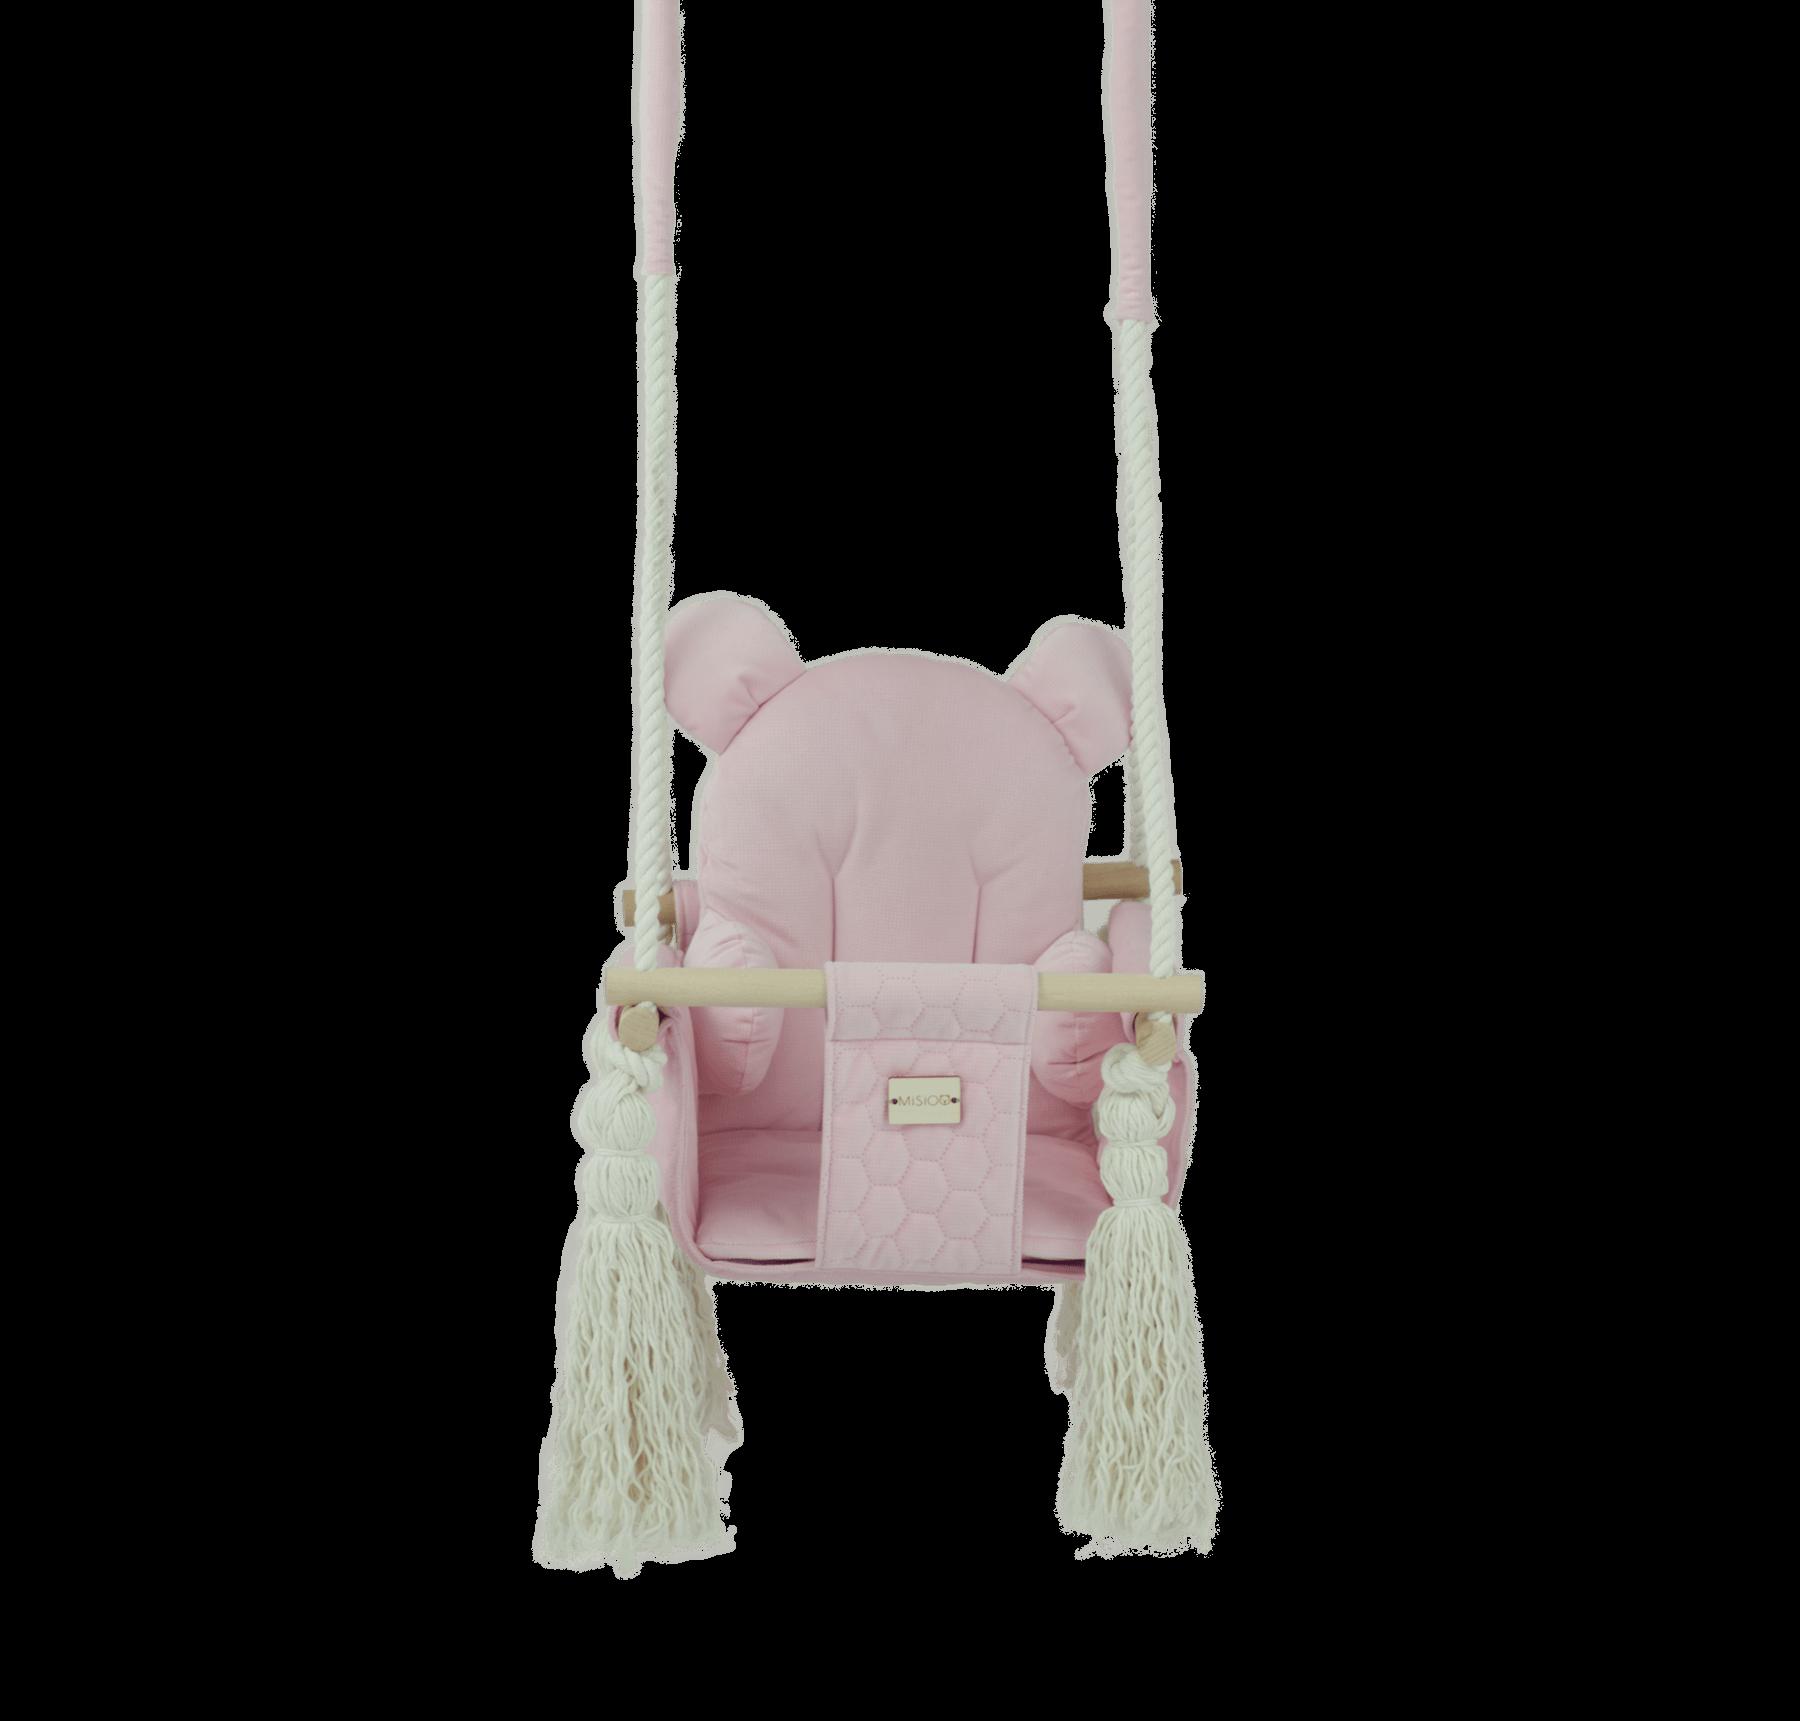 Misioo - baby swings